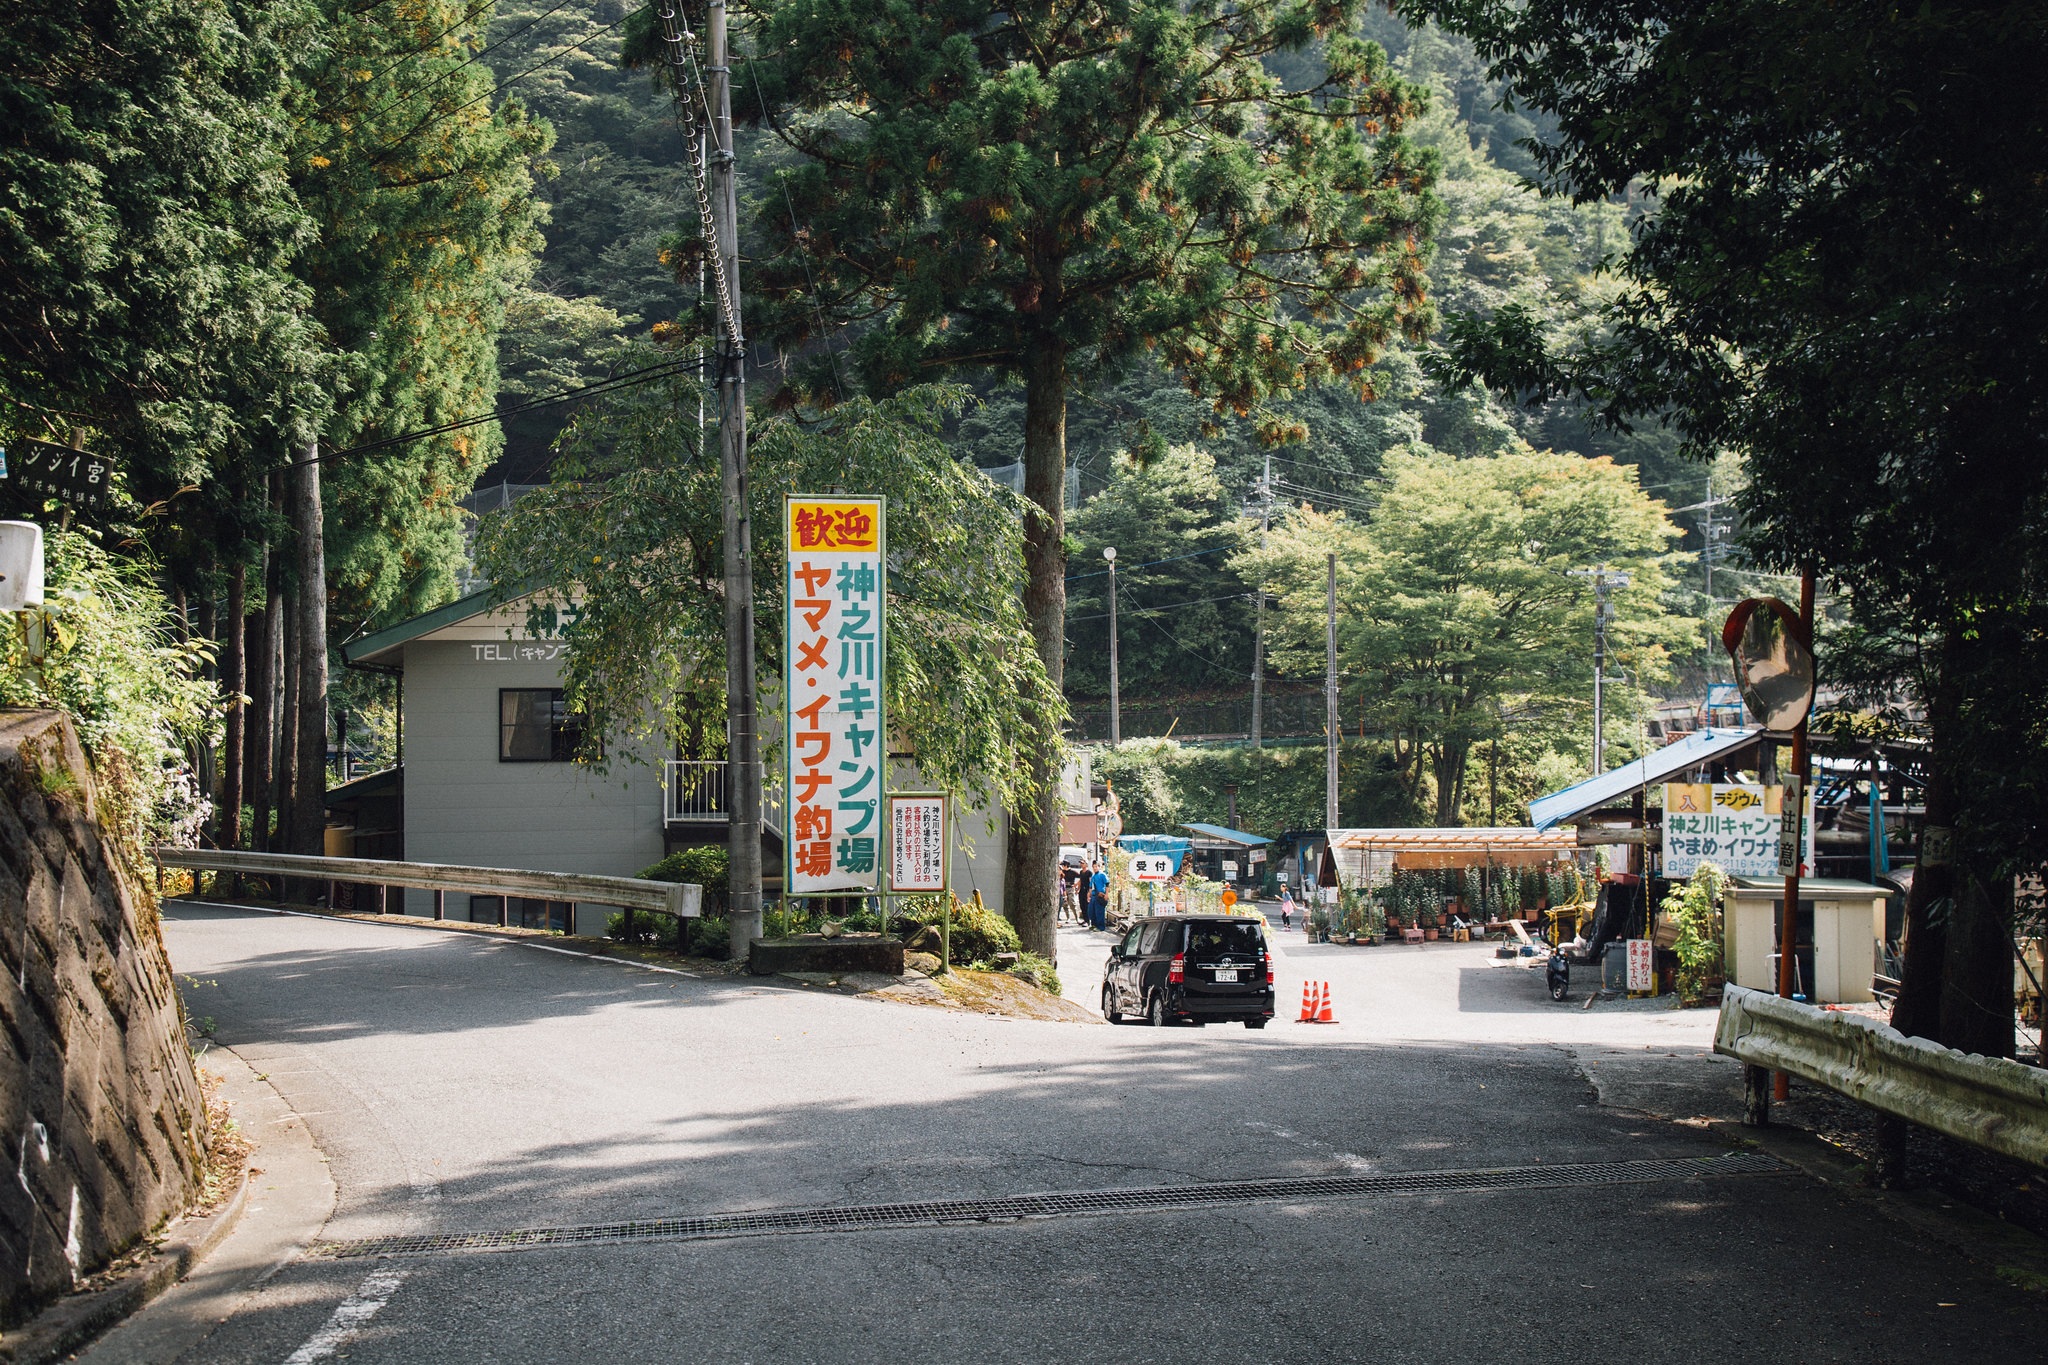 2014-10-11 神之川キャンプ場と青根コスモス園 001